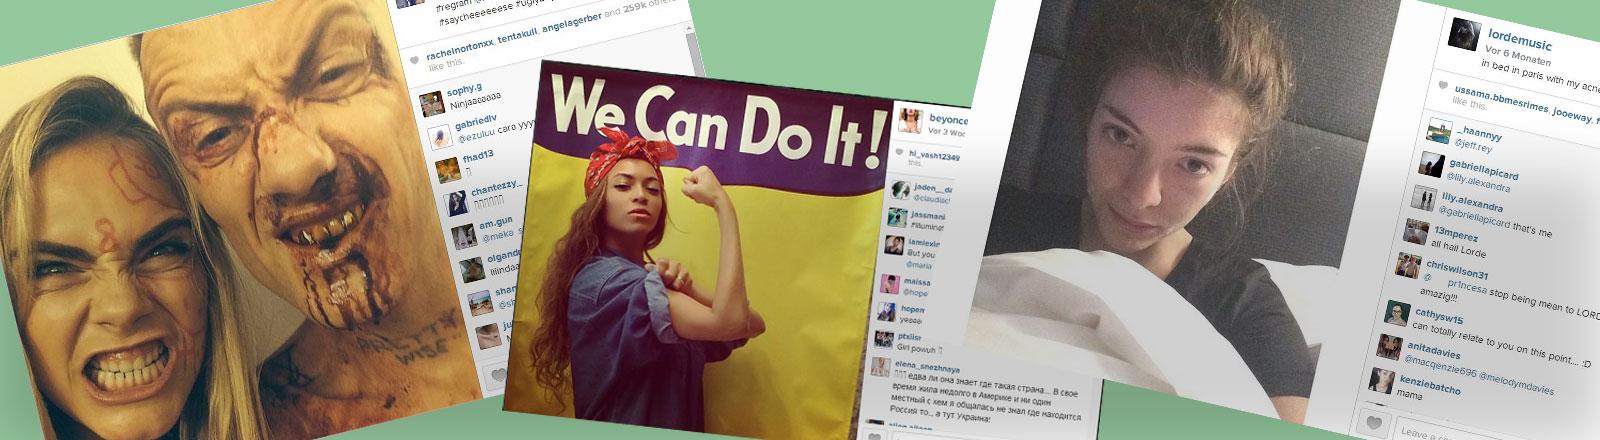 Instagram-Bilder von Cara Delevingne, Beyonce und Lorde